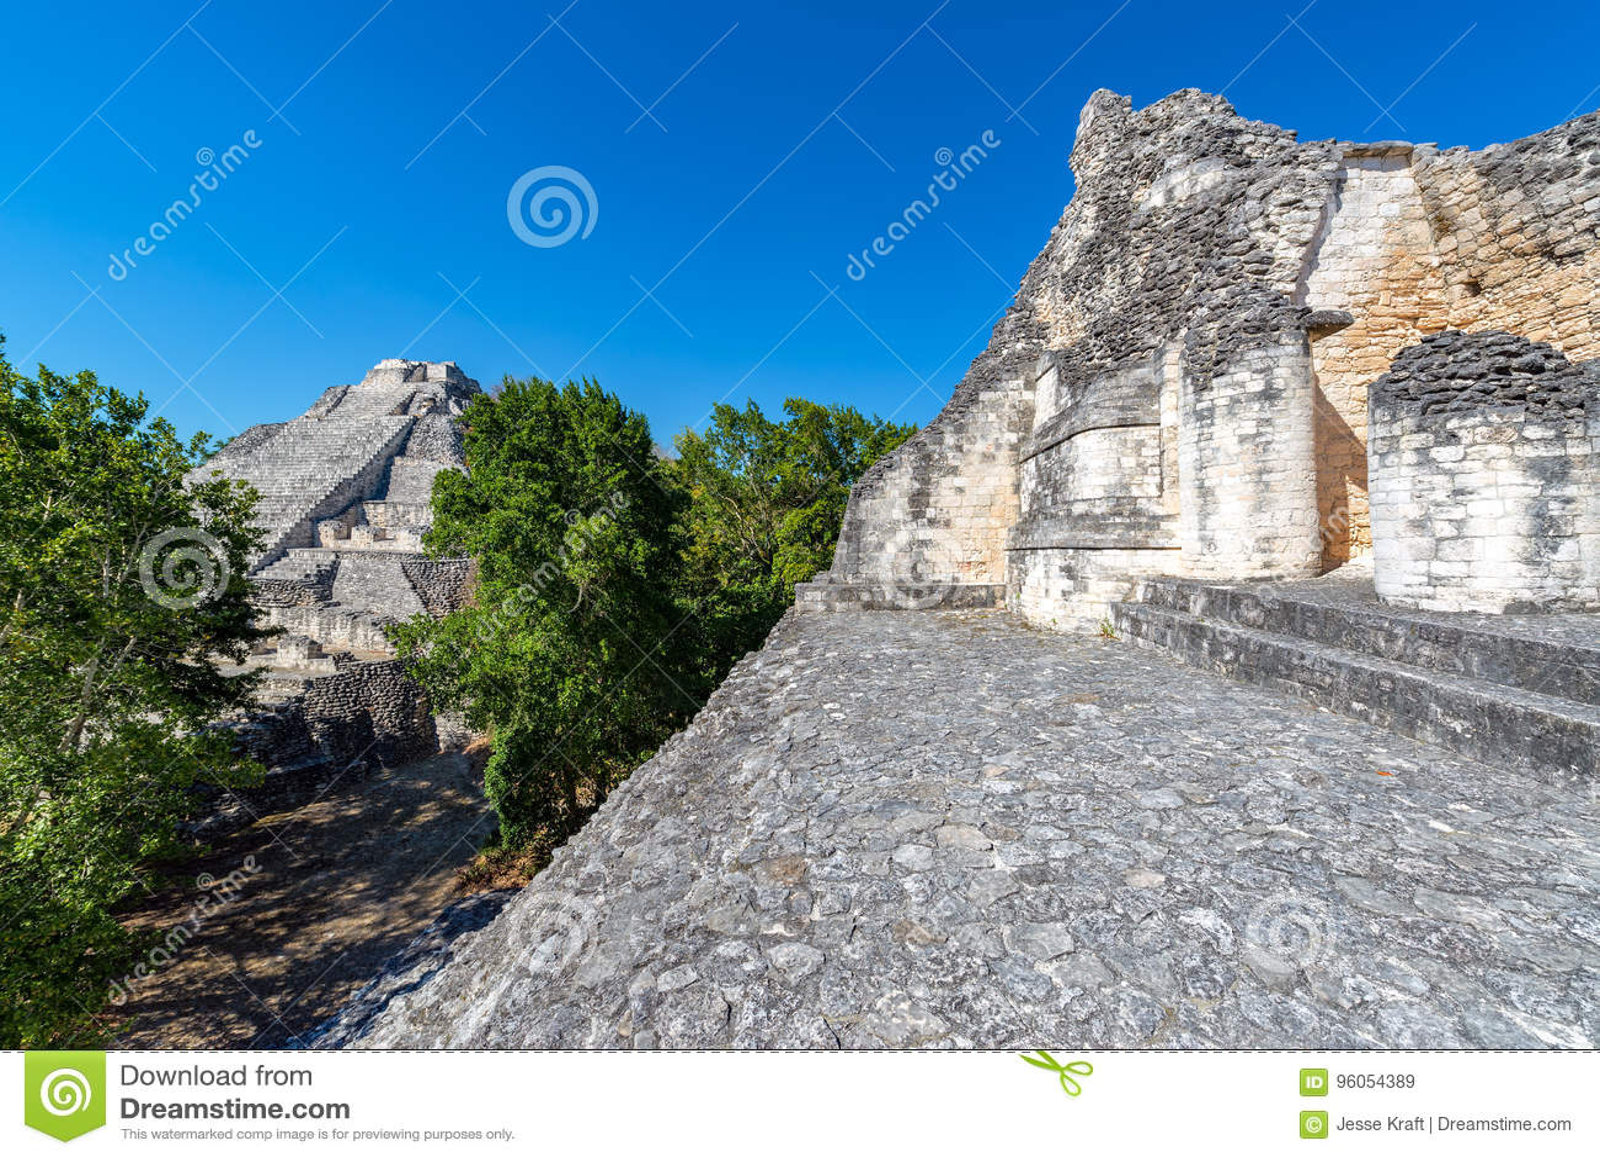 Becan ruine la vue de pyramides